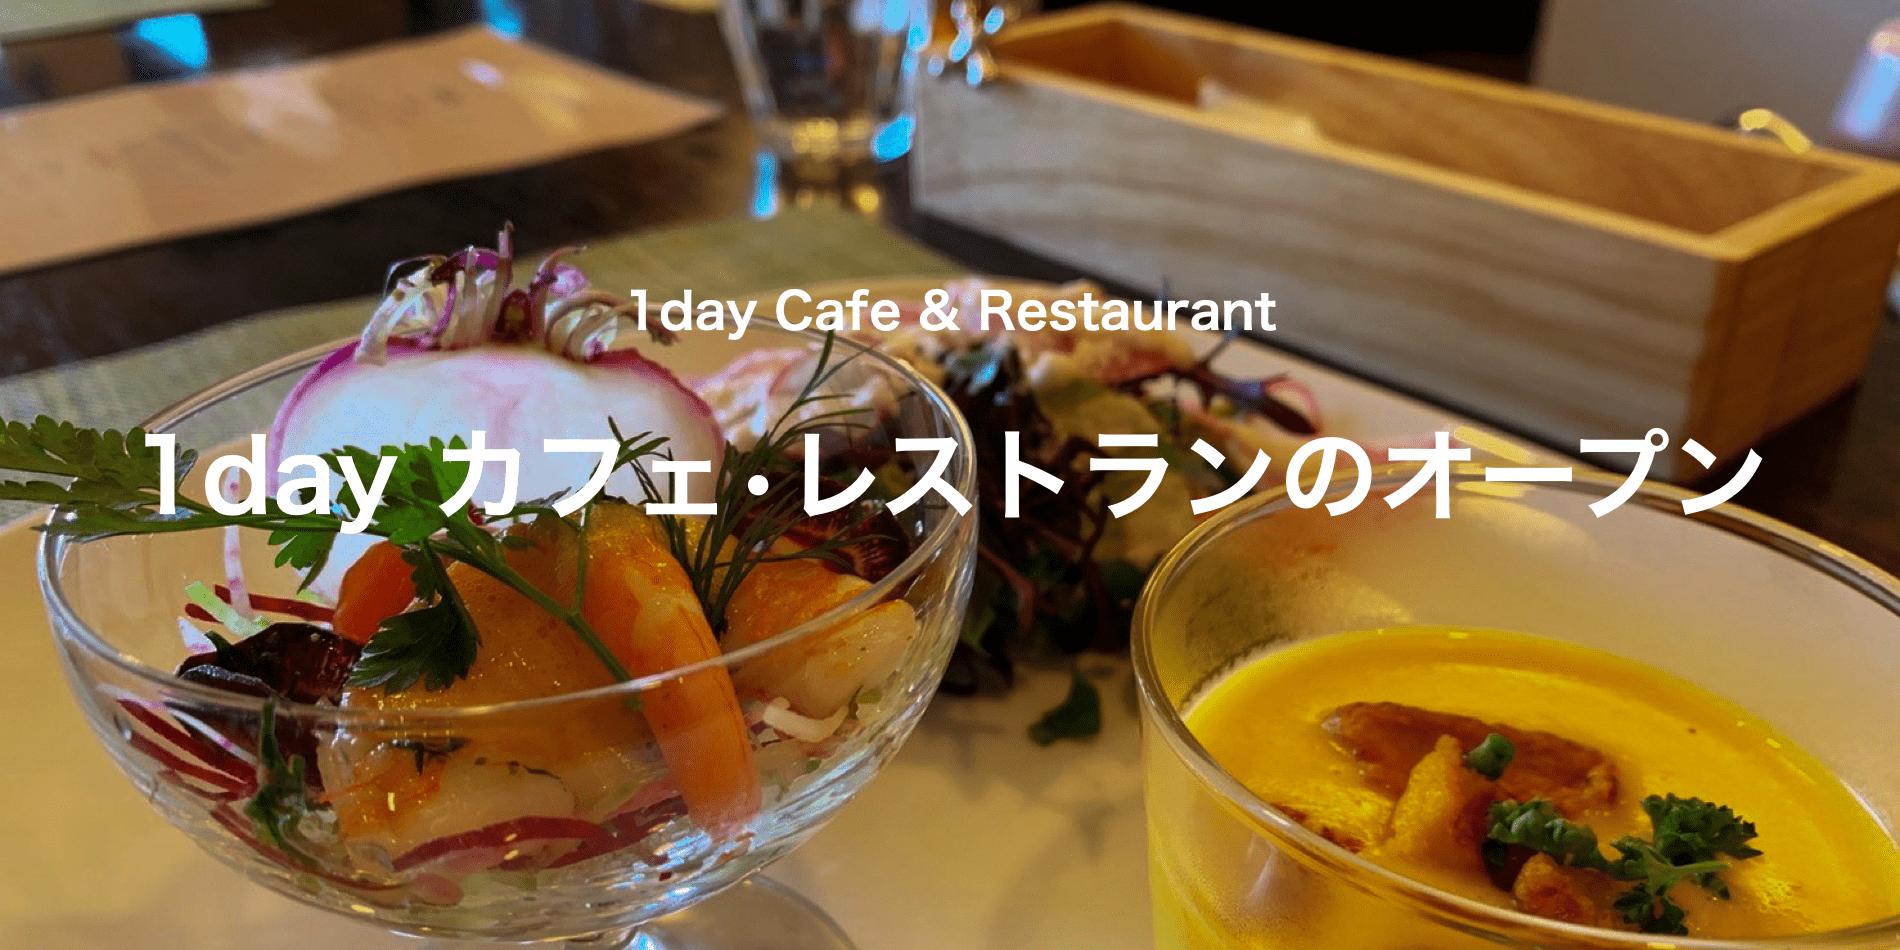 1dayカフェとレストランのオープン